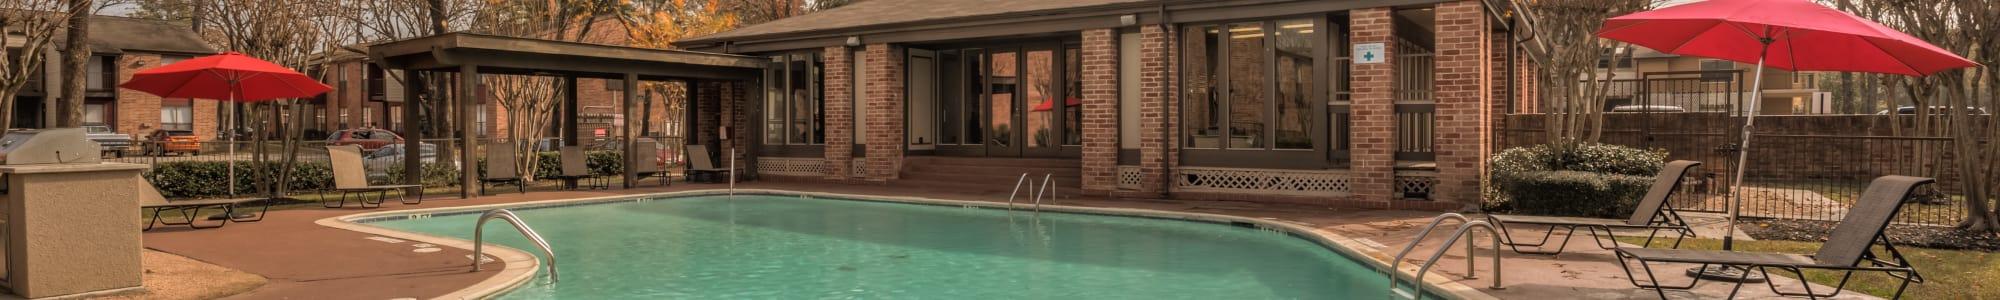 Rock Creek swimming pool in Houston